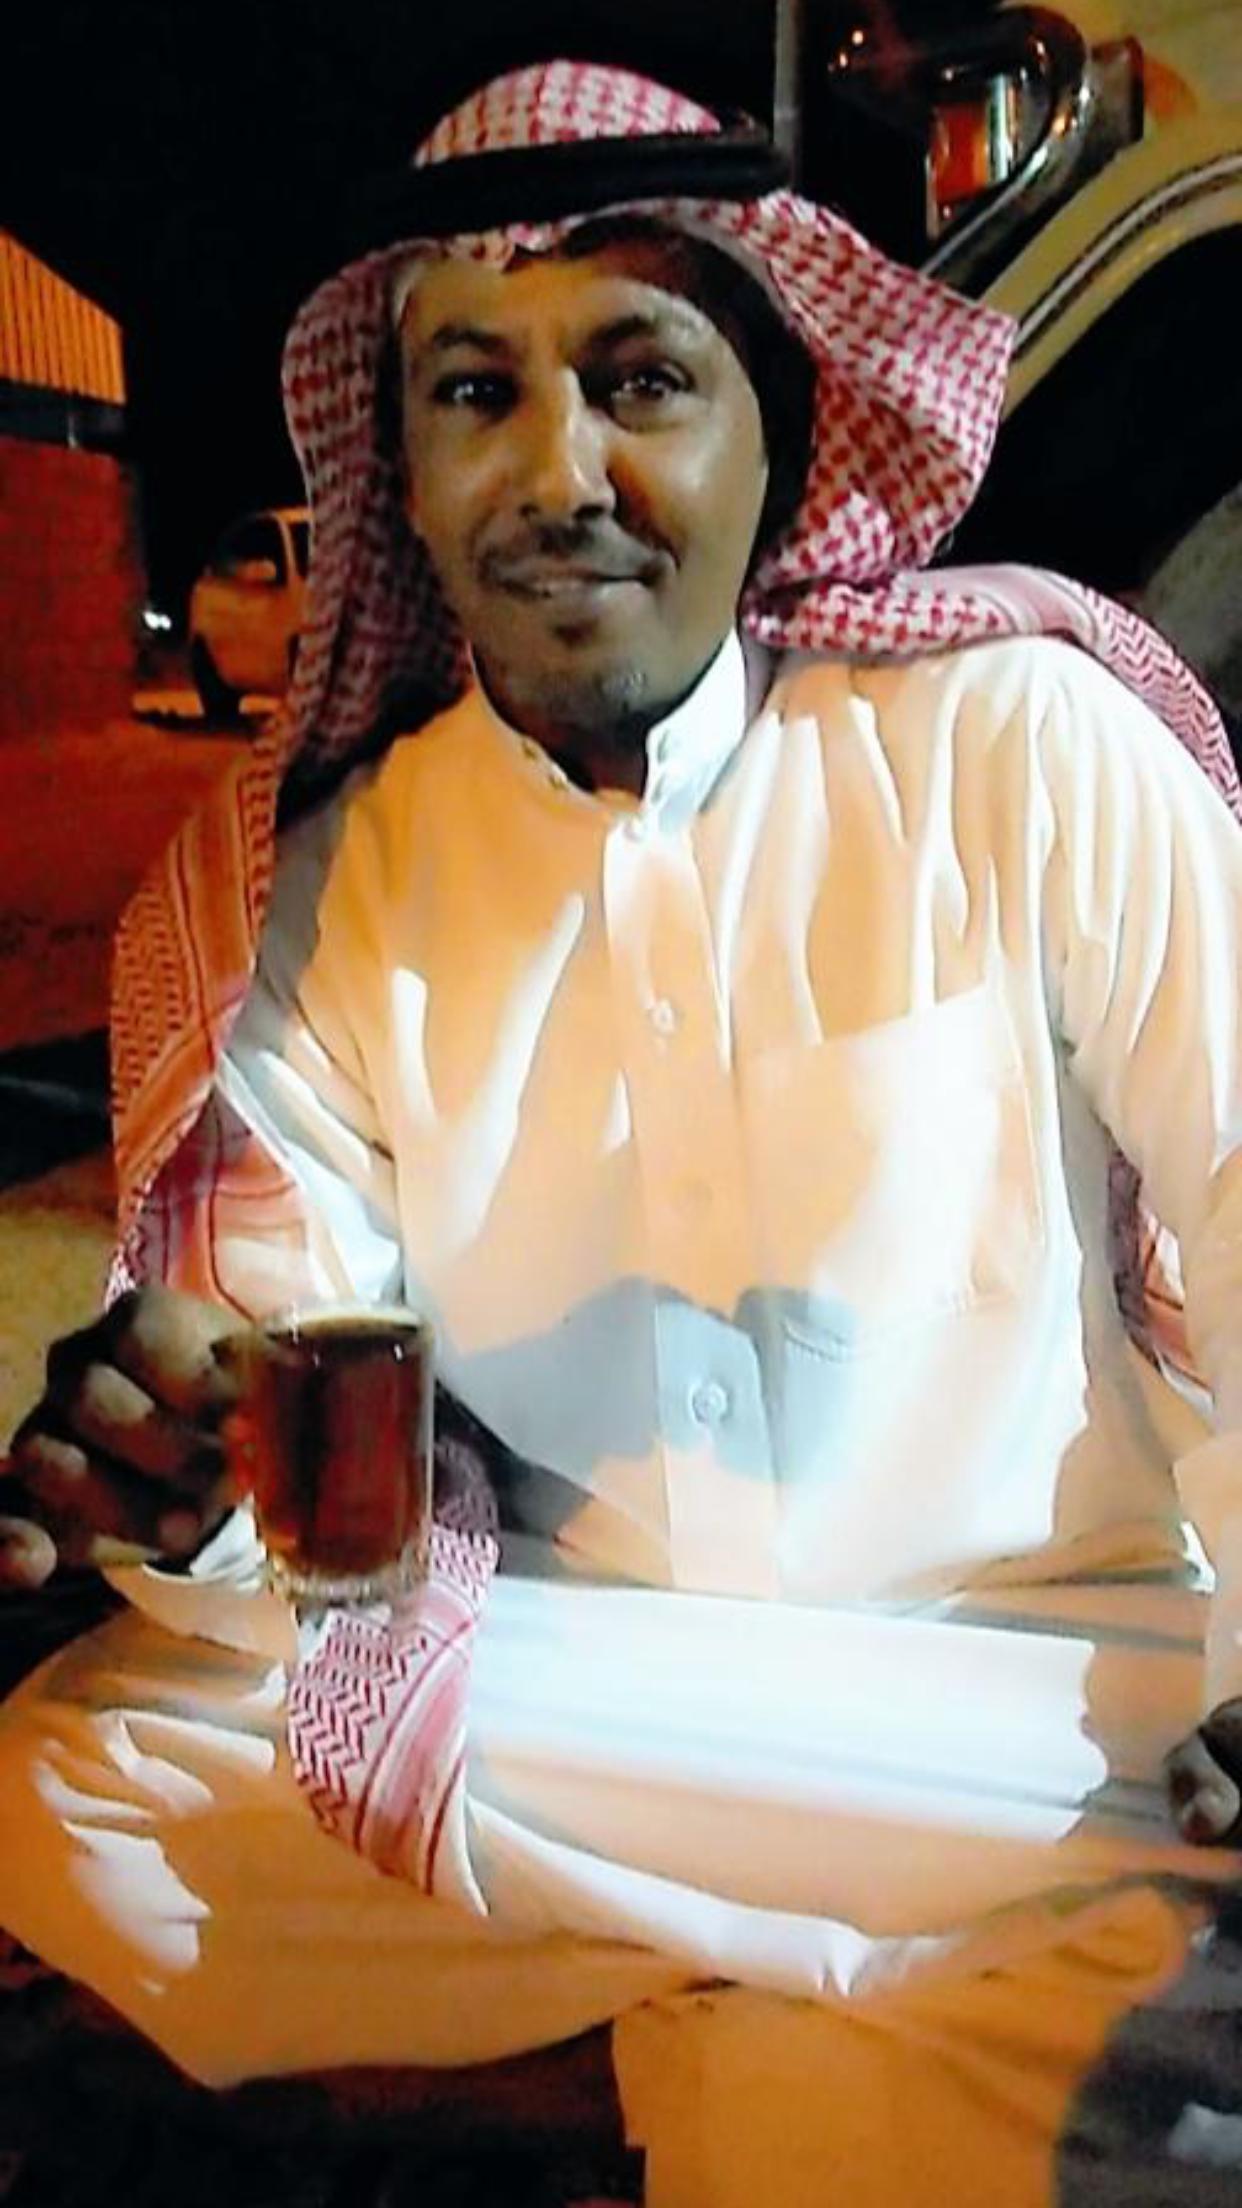 الشاب / حمدان فرج الجحم البلوي يحتفل بزواجه 421CA6E8 50A6 4A62 B943 2836649D3C06